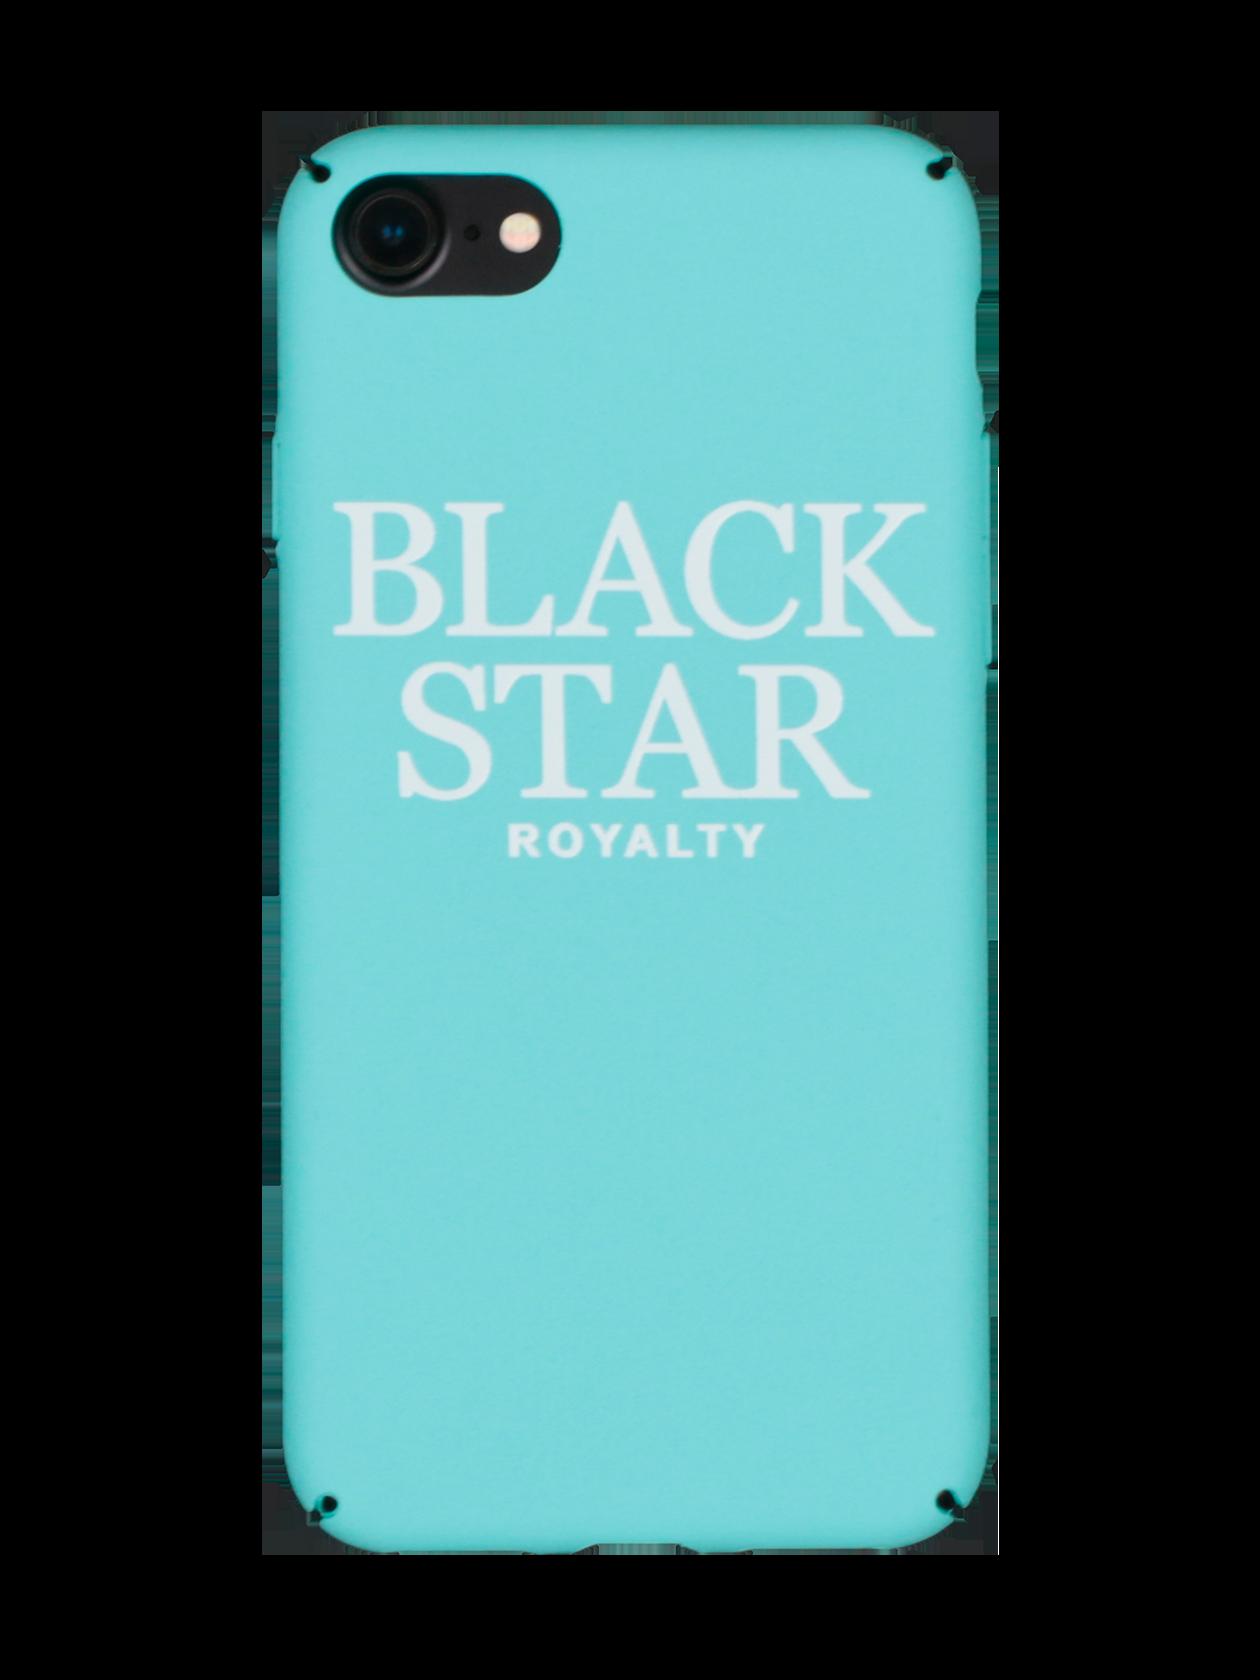 Чехол для телефона ROYALTY BLACK STARПрактичный чехол для телефона Royalty Black Star в виде задней стенки мобильного устройства. Модель создана из прочного пластика, предотвращающего образование трещин, сколов на корпусе гаджета и попадание пыли. Изделие привлекает внимание яркой ментоловой расцветкой. В комбинации с фирменной надписью Black Star Royalty чехол становится стильным аксессуаром для любимого девайса. Он идеально повторяет форму телефона, оставляя доступ к имеющимся разъемам и опциям.<br><br>Размер: 6<br>Цвет: Ментоловый<br>Пол: Унисекс